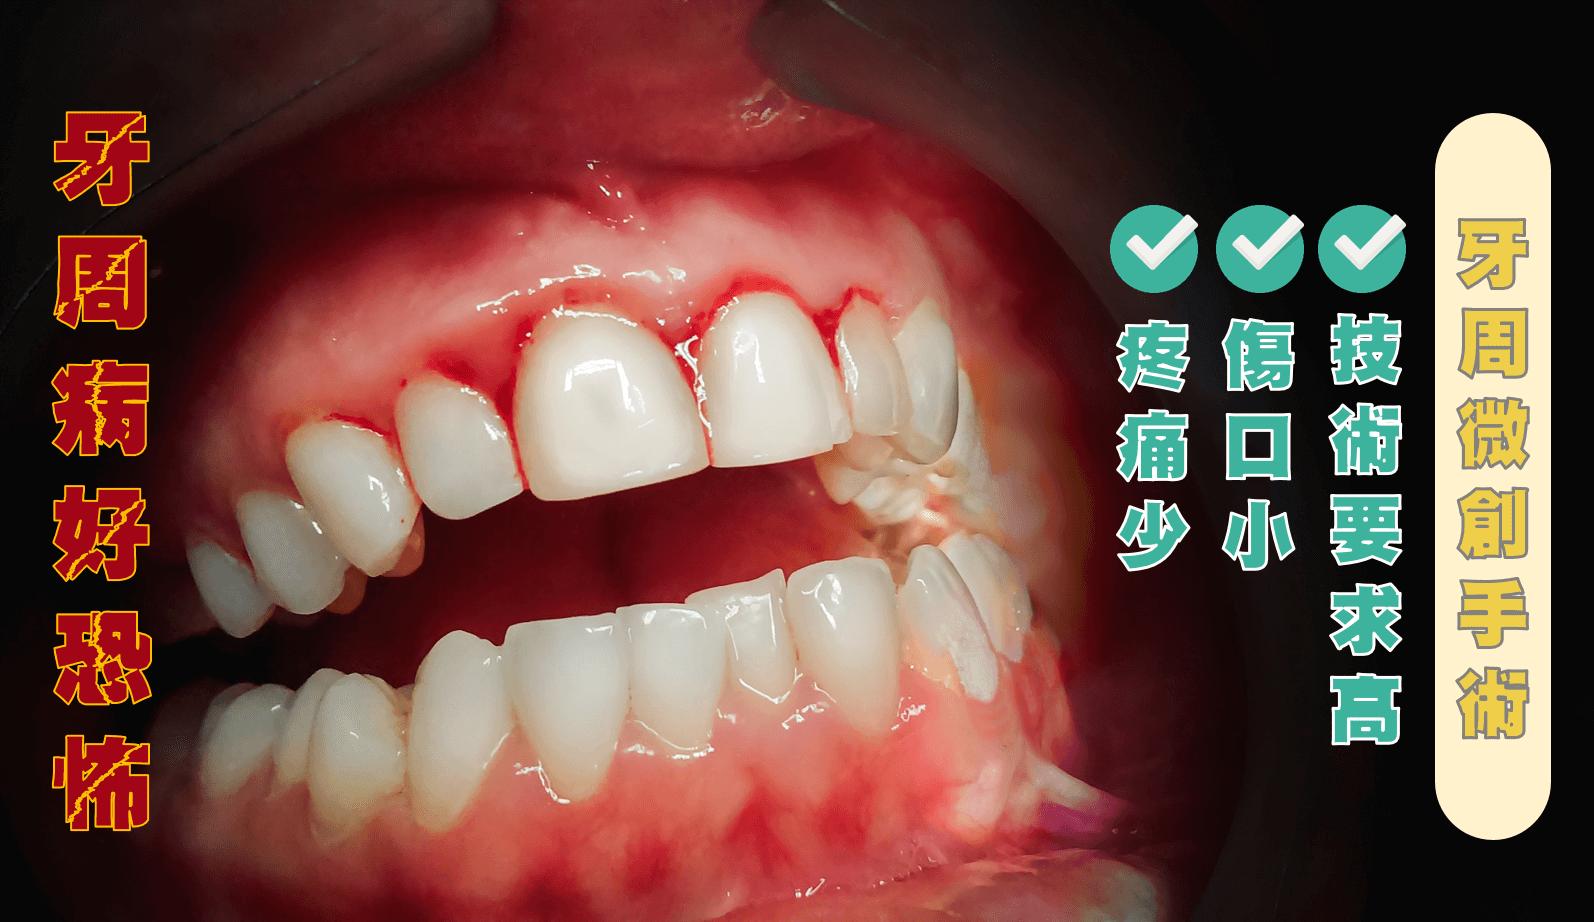 牙周病造成牙齦流血